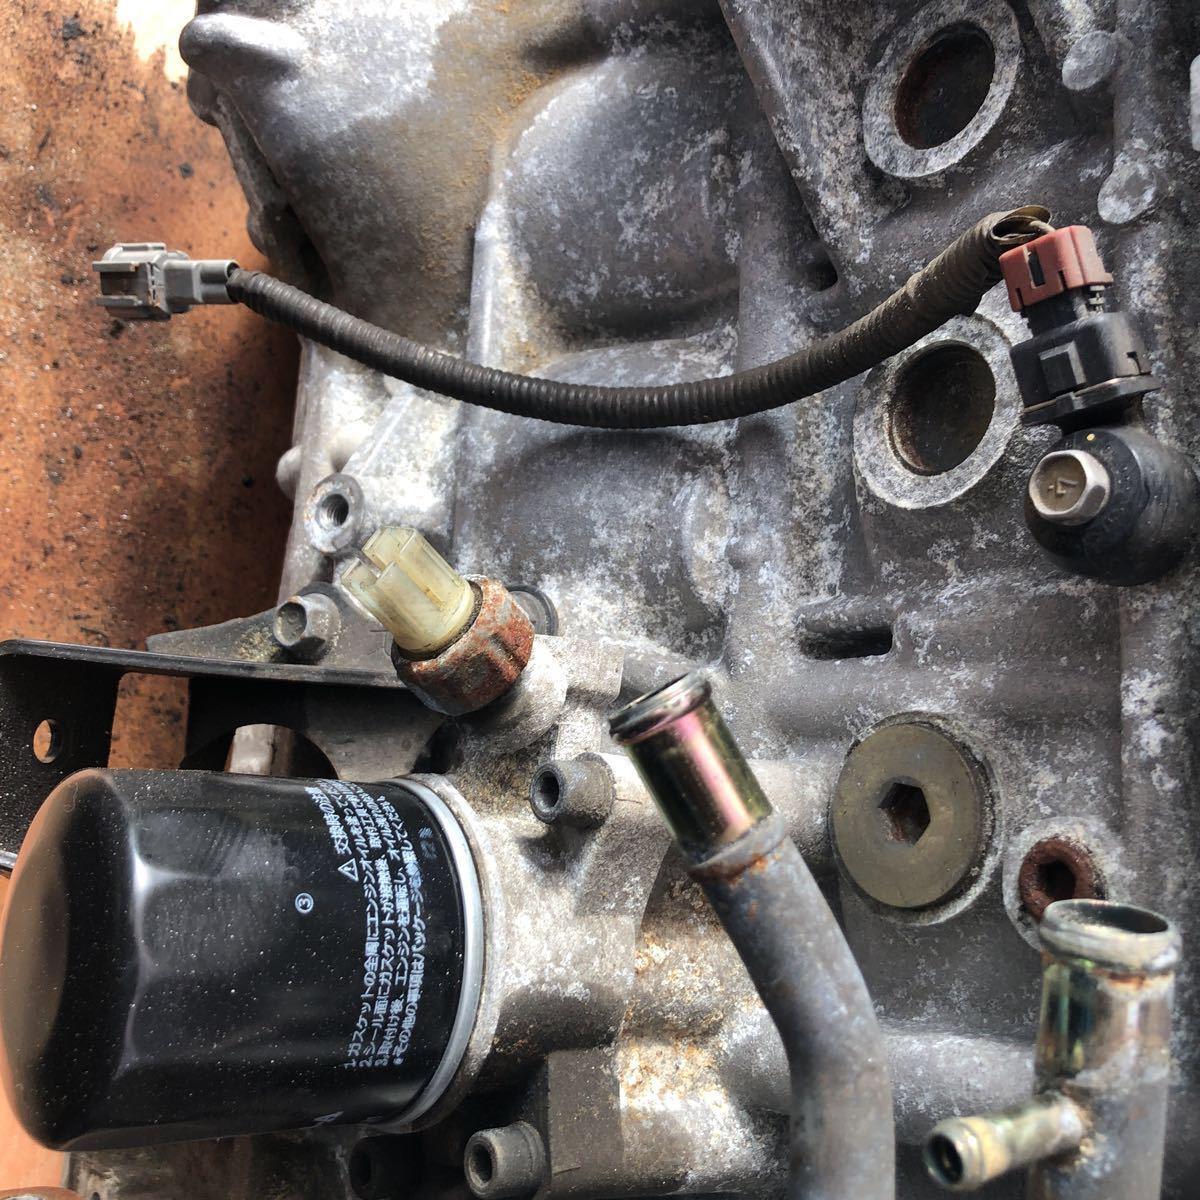 SR20 ターボエンジン S15 ヘッドガスケットメタル 社外カム エンジンのみ シルビア_画像6